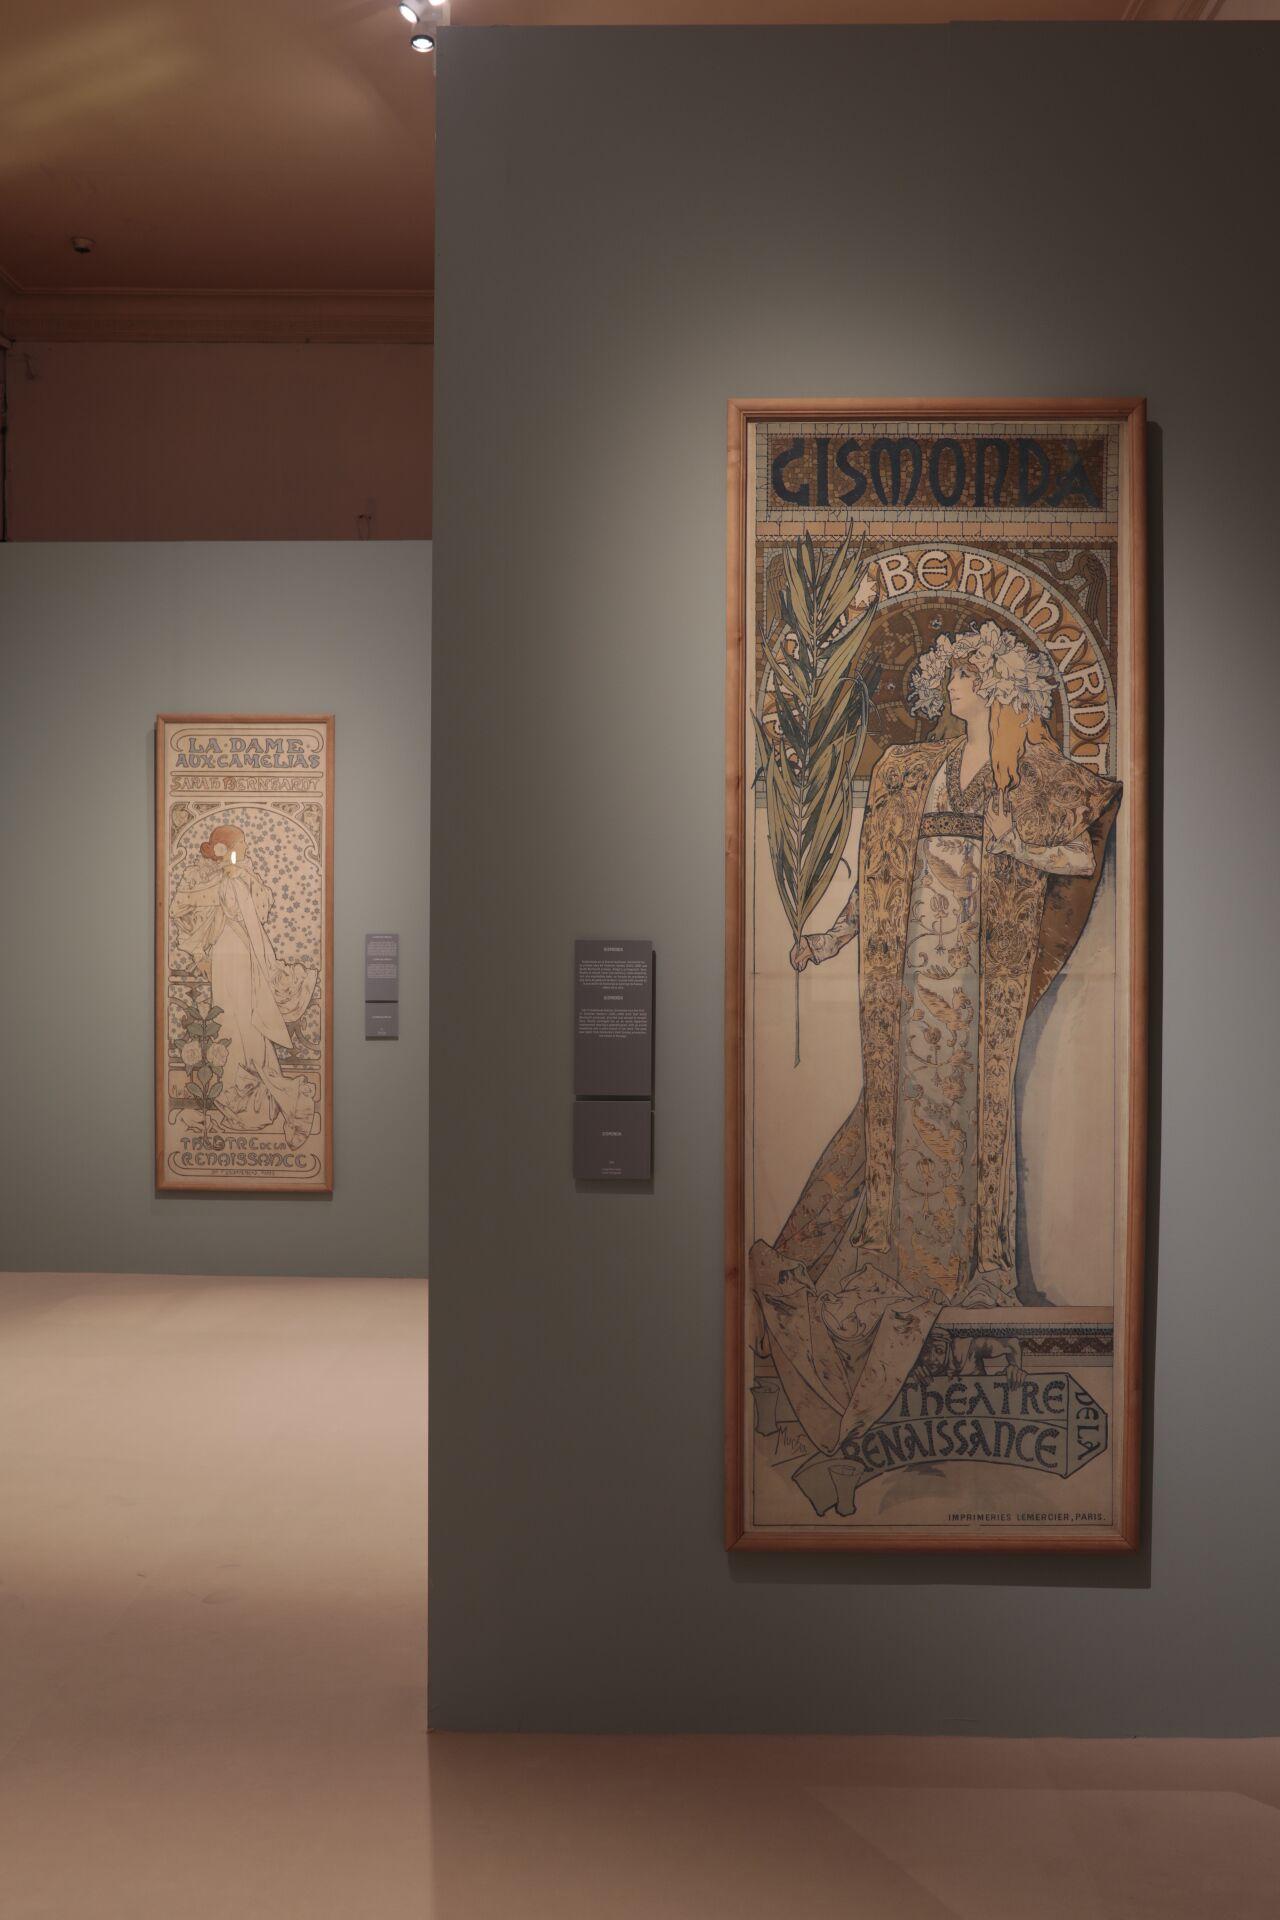 Vista de la exposición y de uno de los carteles de Sarah Bernhardt. ©Jesús Varillas. Cortesía Arthemisia